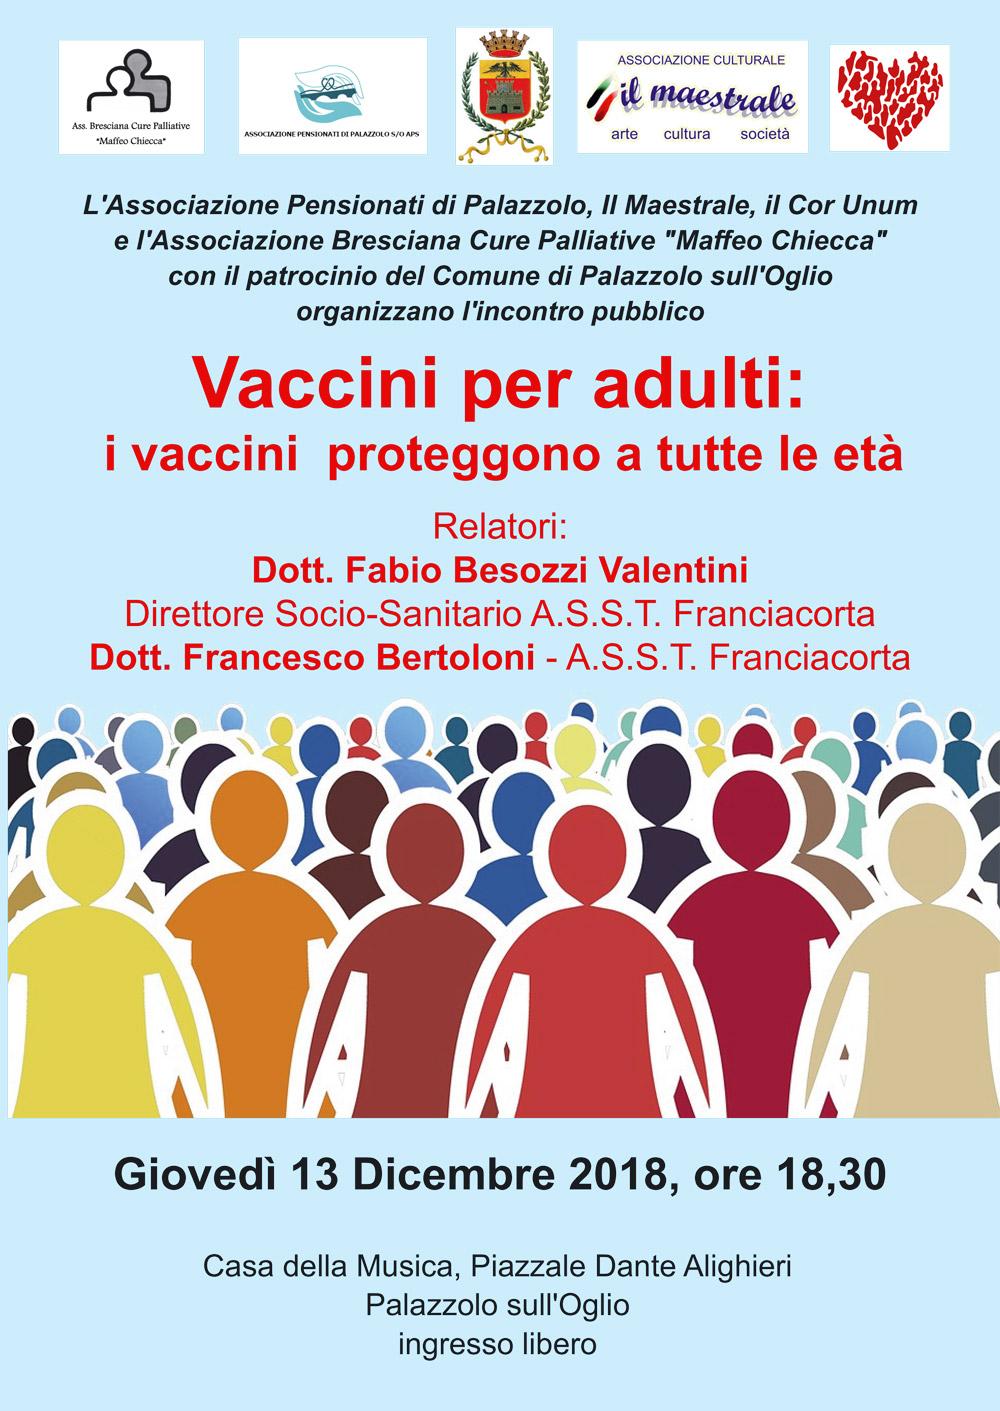 Vaccini per adulti: i vaccini proteggono a tutte le età